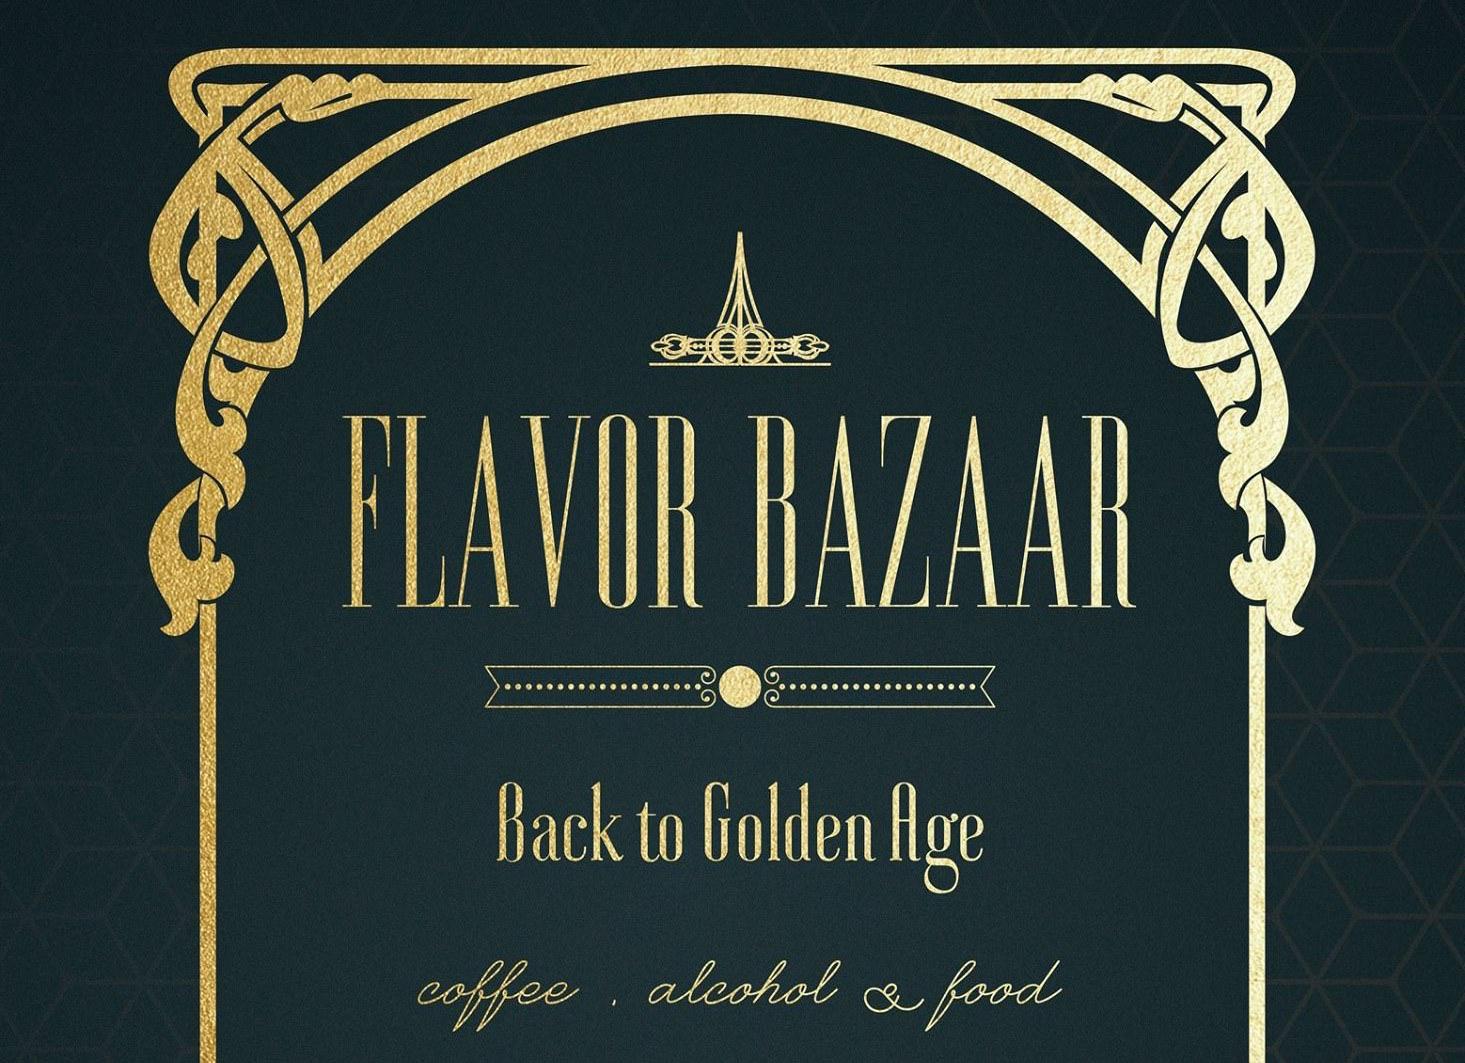 【史上最大】聚焦松菸 ⌈時尚市集 Flavor Bazaar⌋ 咖啡、美食、名酒、復古變裝!這週末你絕不能錯過的經典派對!